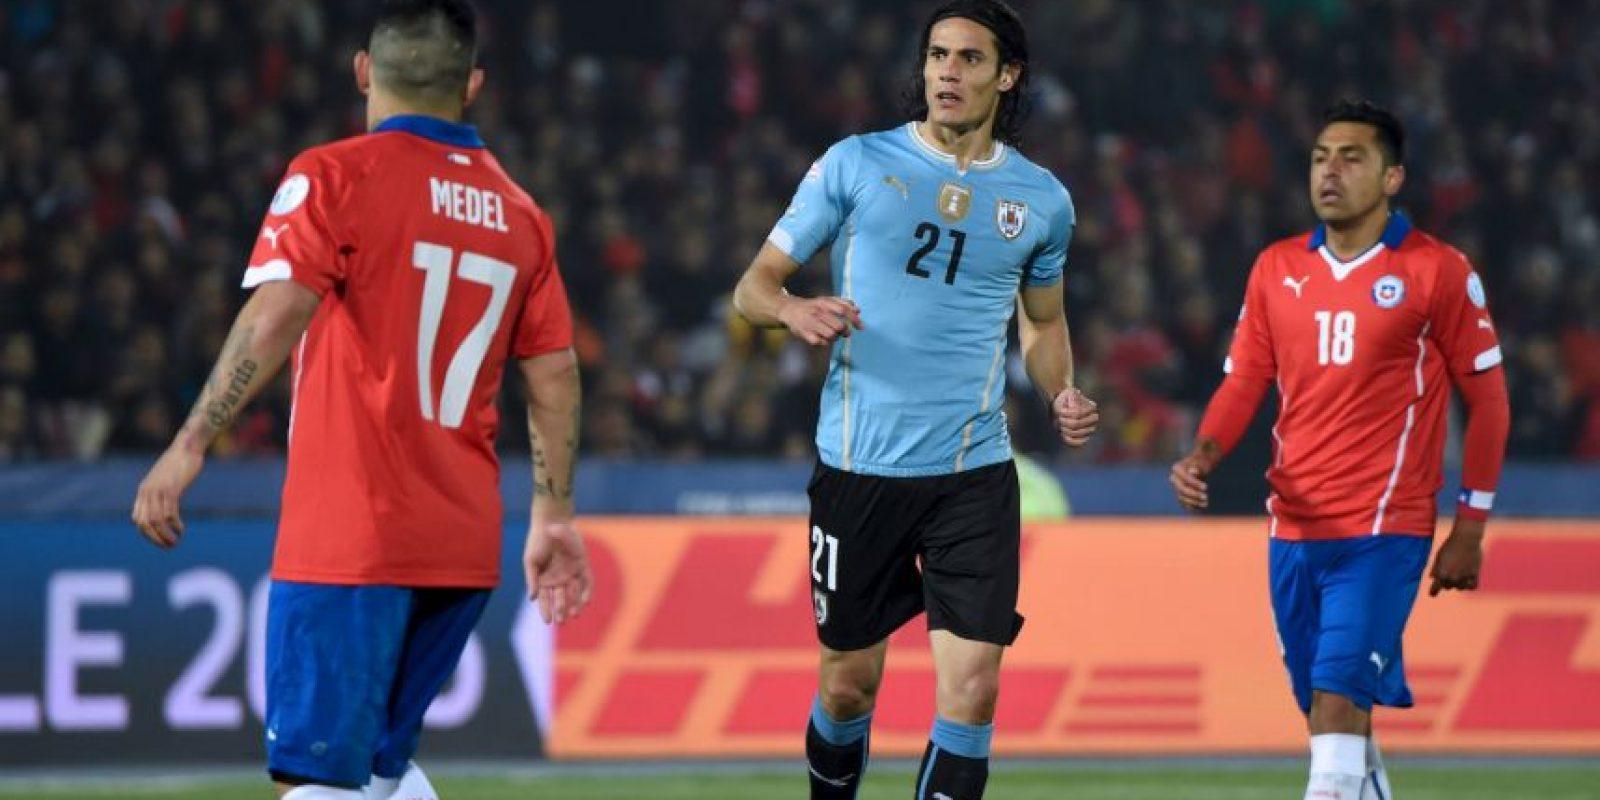 El ariete se fue expulsado a minuto 63, después de darle una bofetada al chileno Foto:AFP